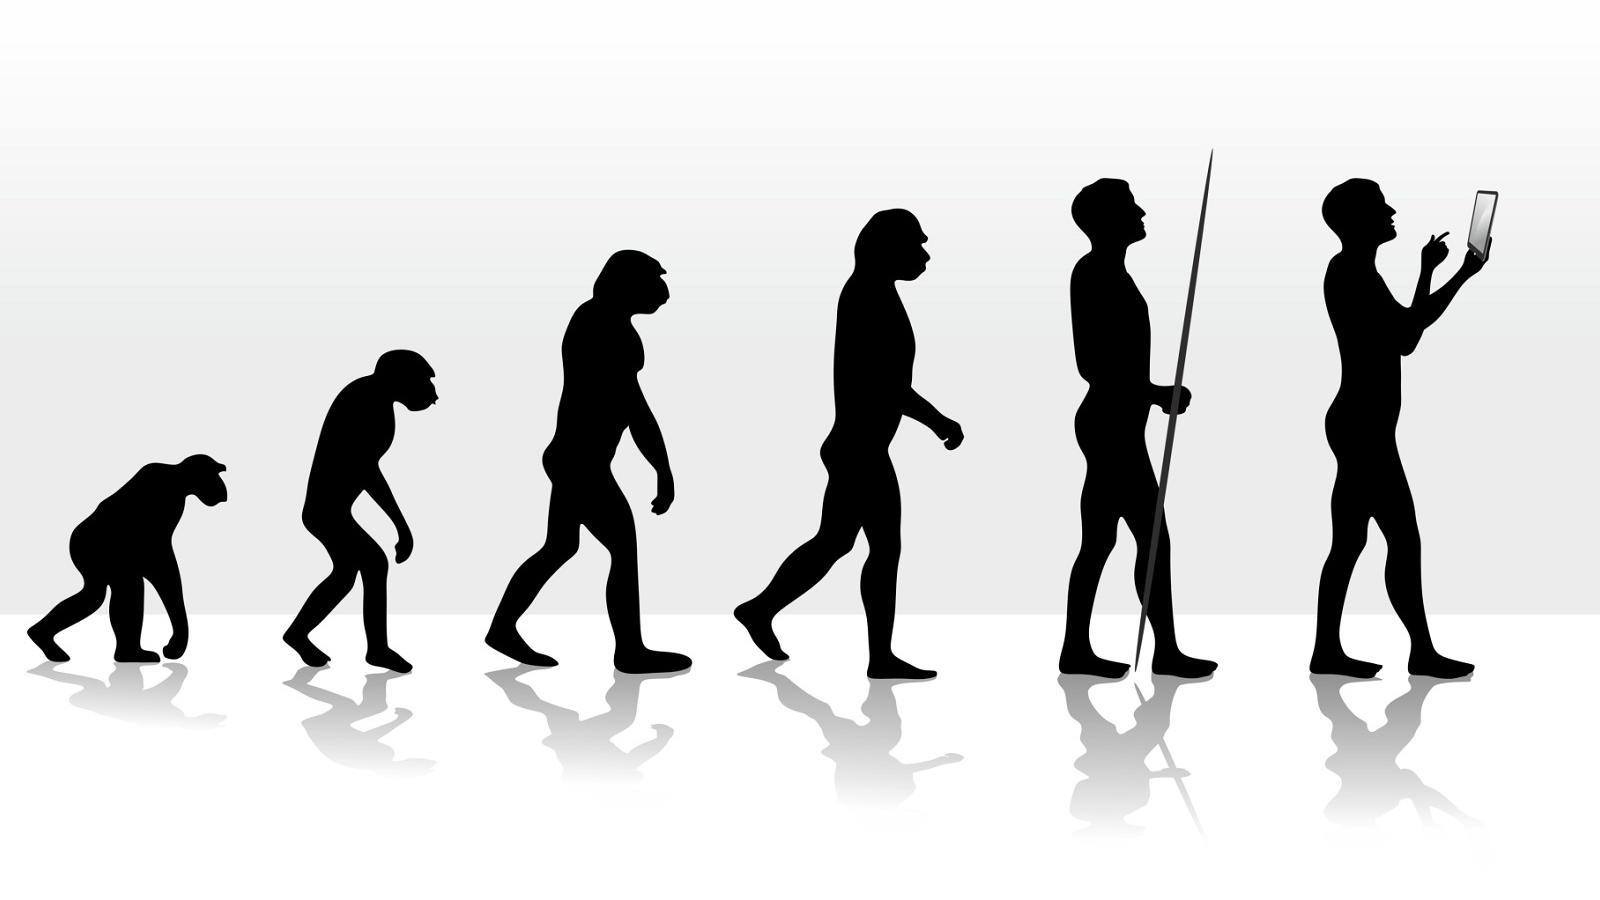 Куда пошел? Как изменился Homo sapiens со времен Дарвина